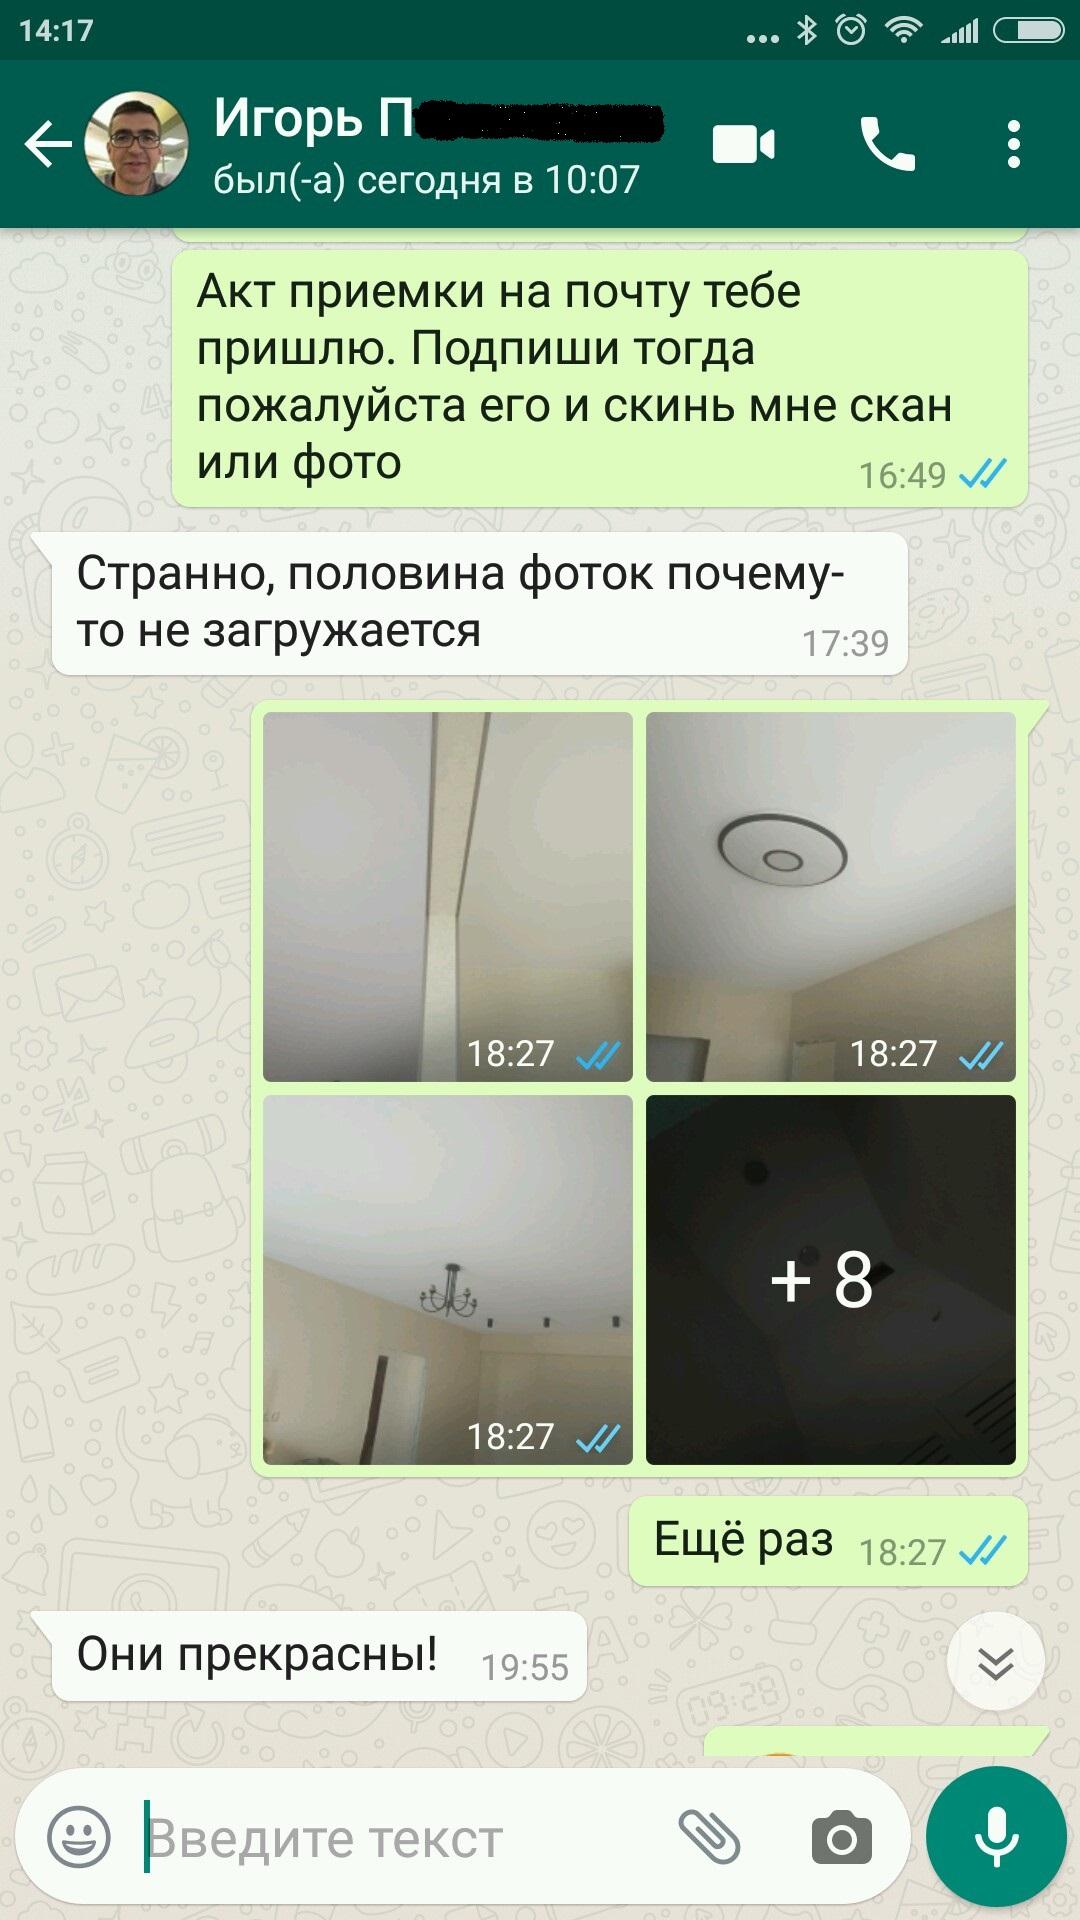 otzyv_igor_potolki1